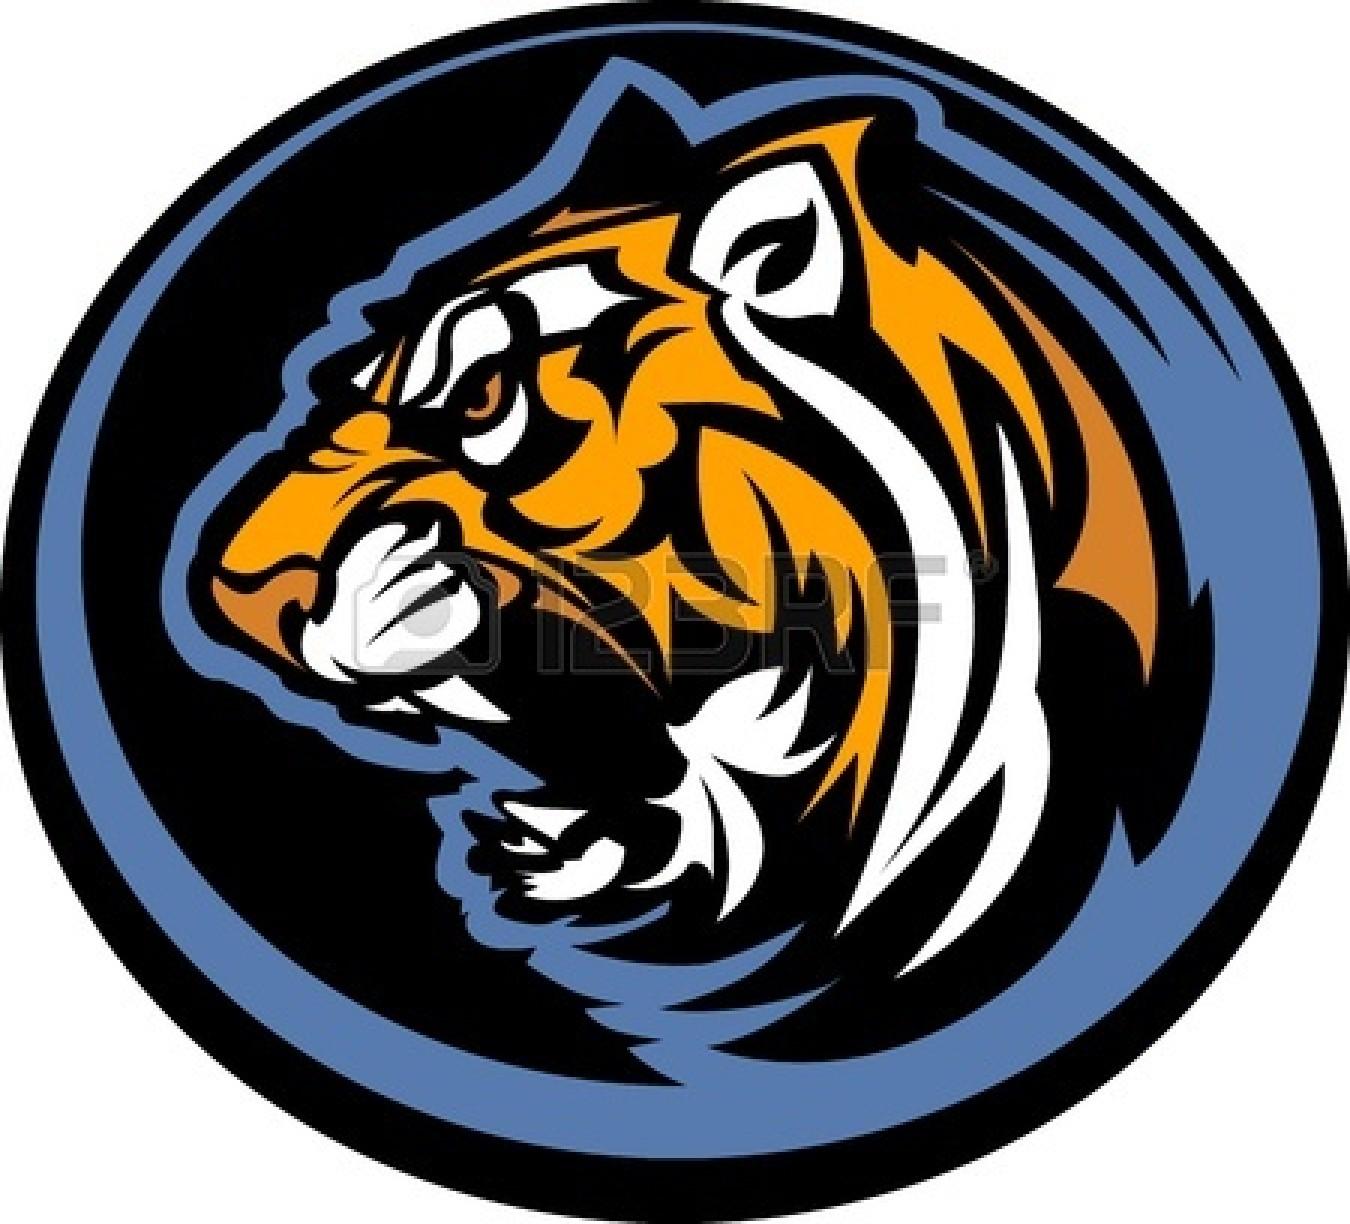 tiger%20head%20clip%20art